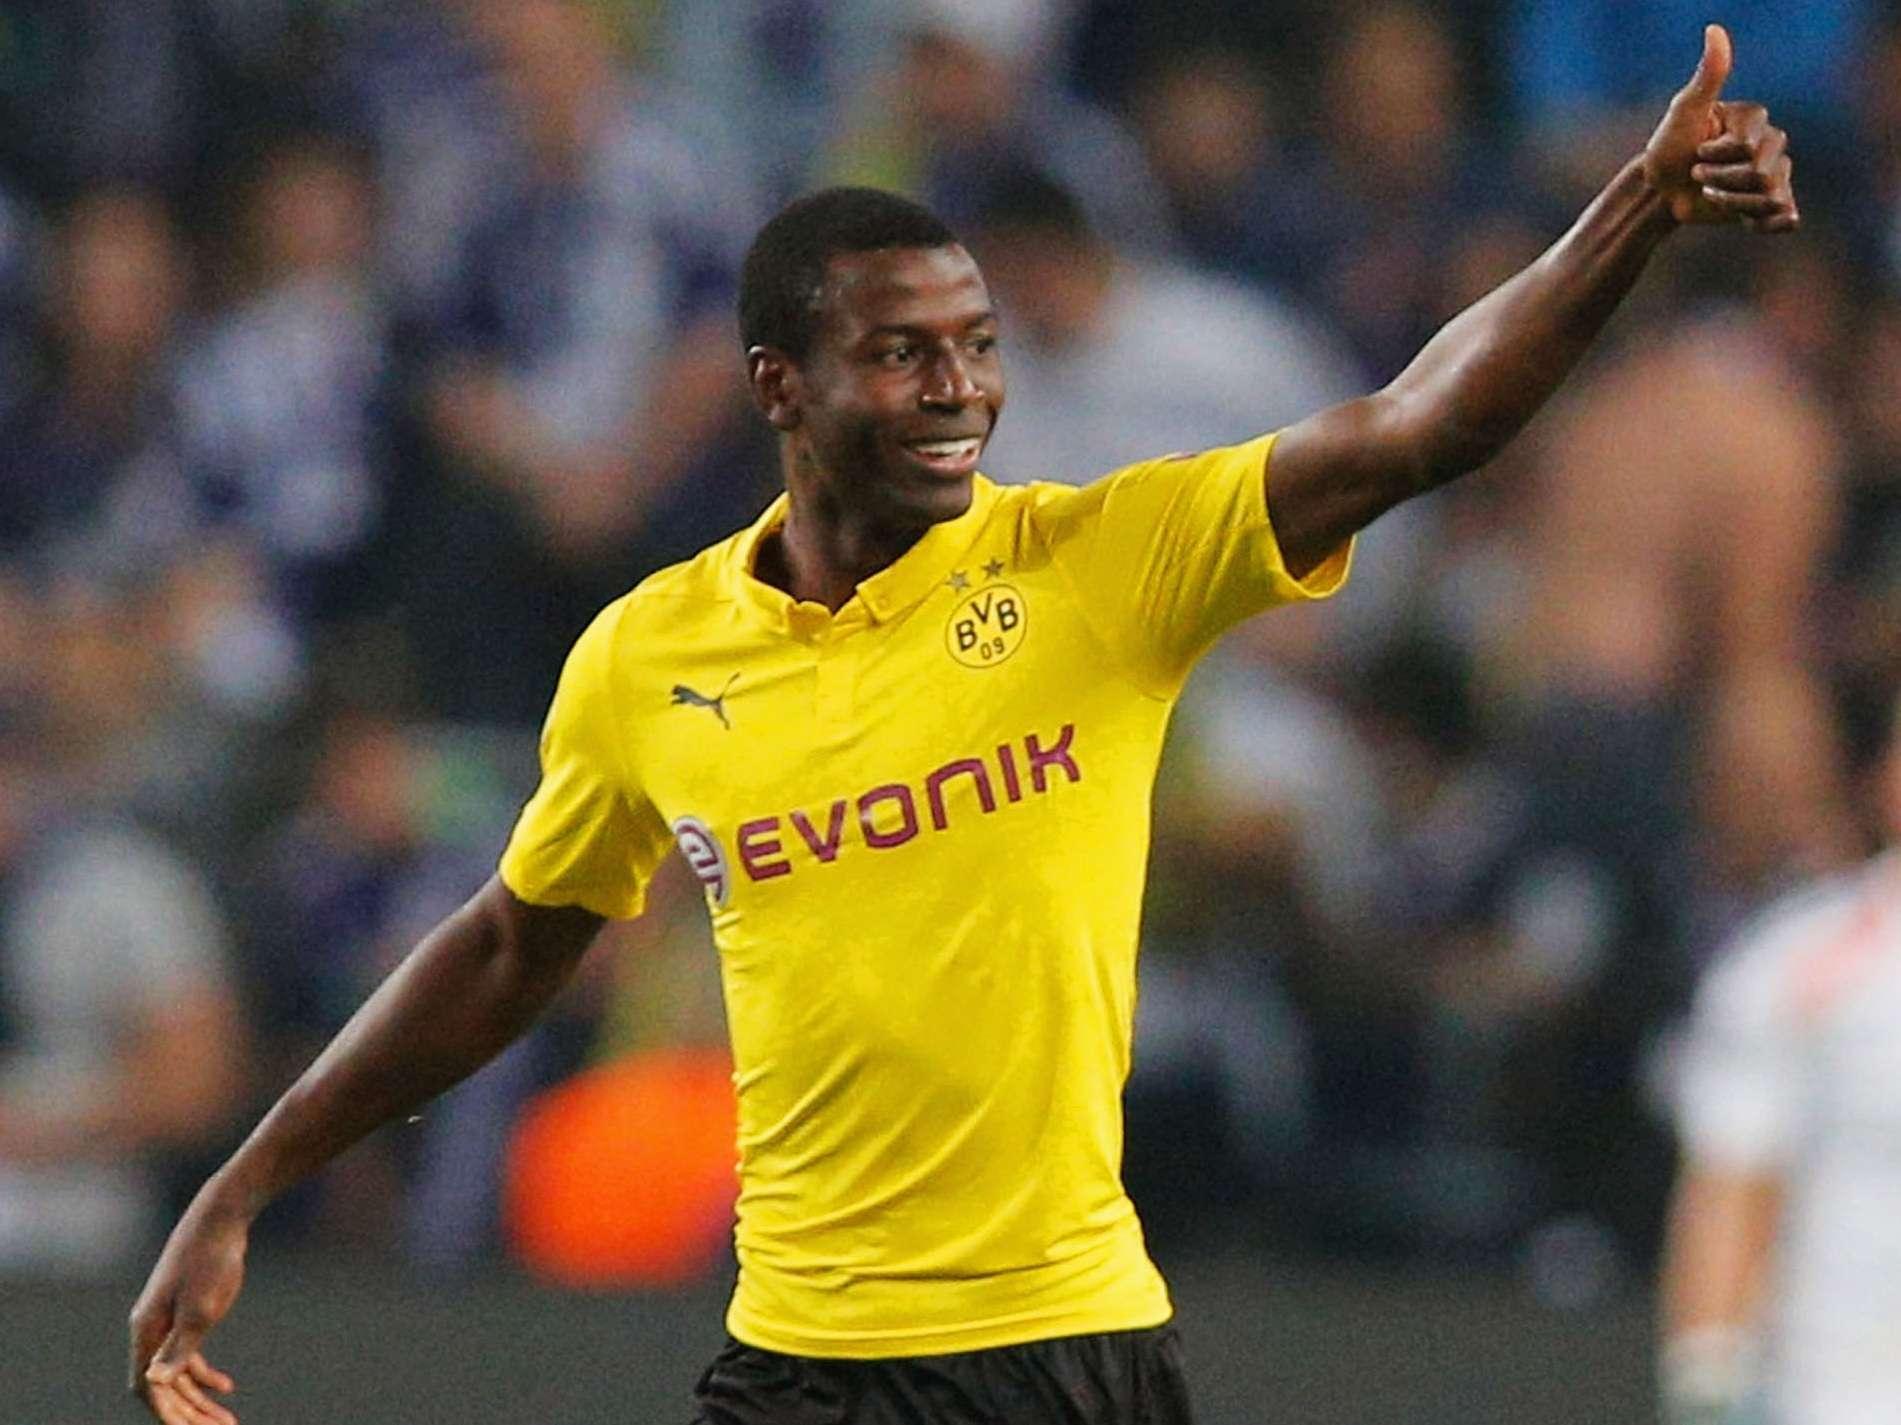 Adrián Ramos ingresó de cambio y marcó dos goles en el triunfo de Borussia Dortmund sobre Anderelcht. Foto: Getty Images